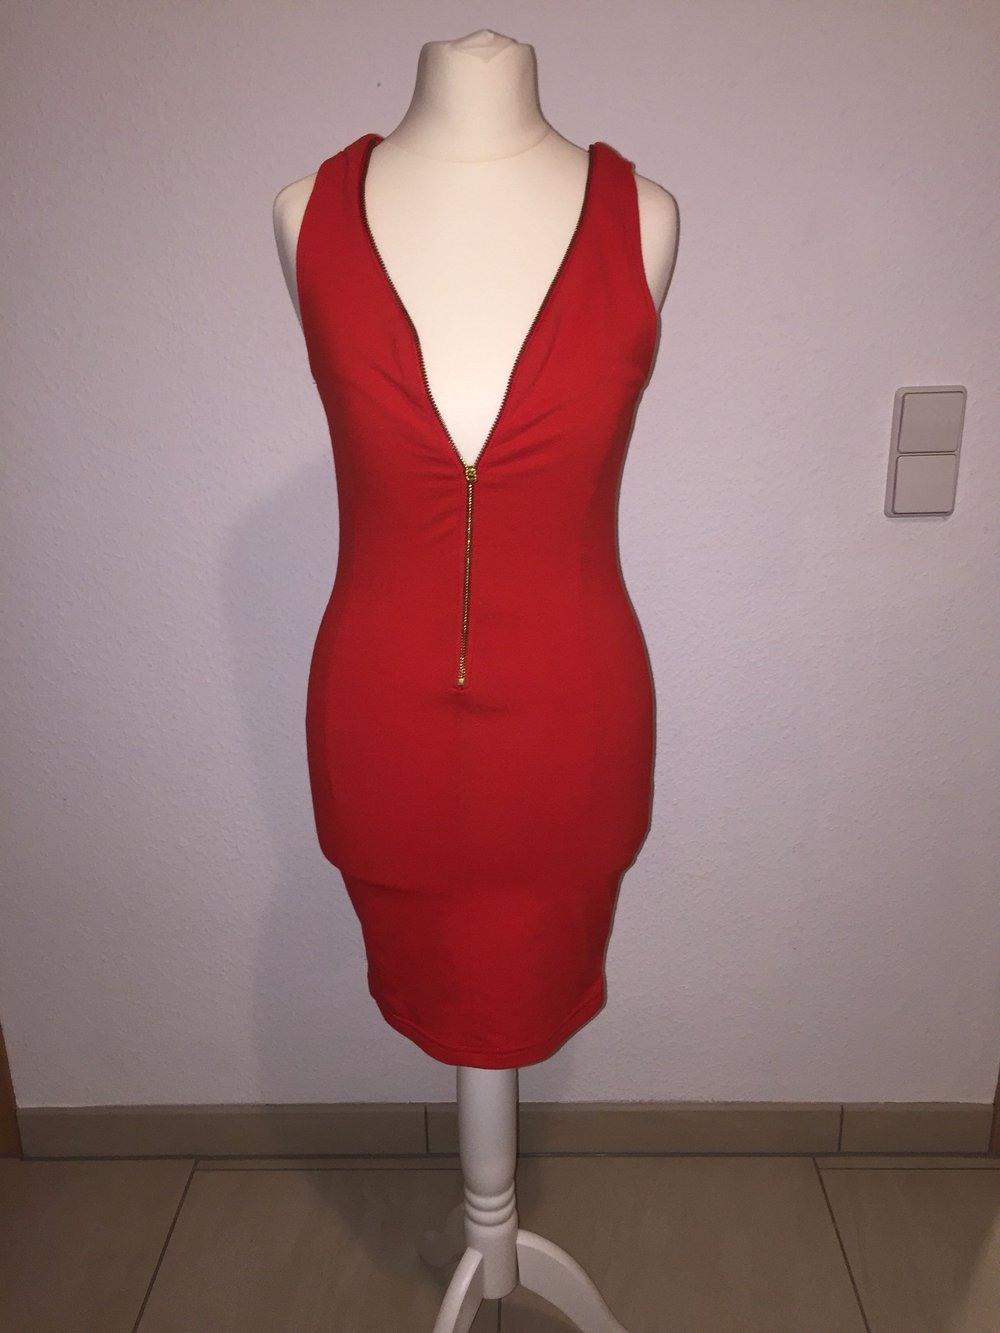 20 Cool Rotes Enges Kleid Bester PreisDesigner Großartig Rotes Enges Kleid Design